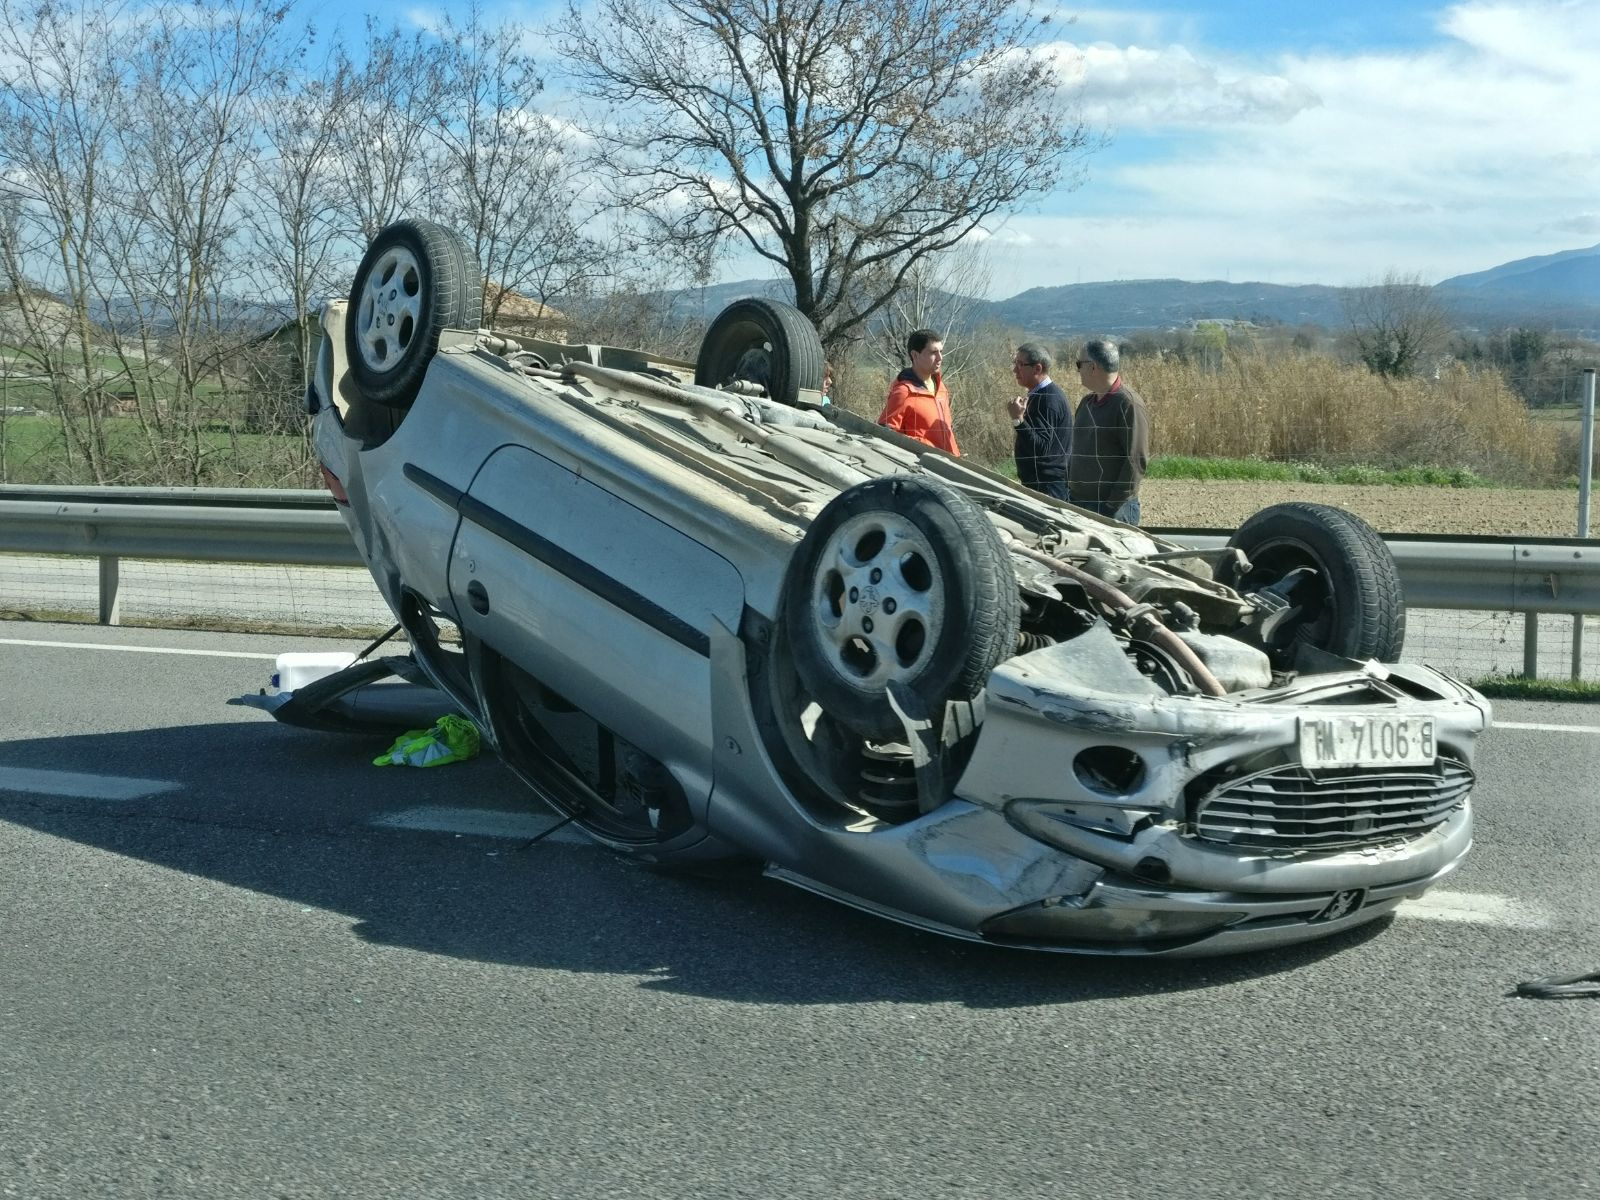 El cotxe, un Peugeot, ha quedat bolcat enmig d'un dels carrils de la C-17